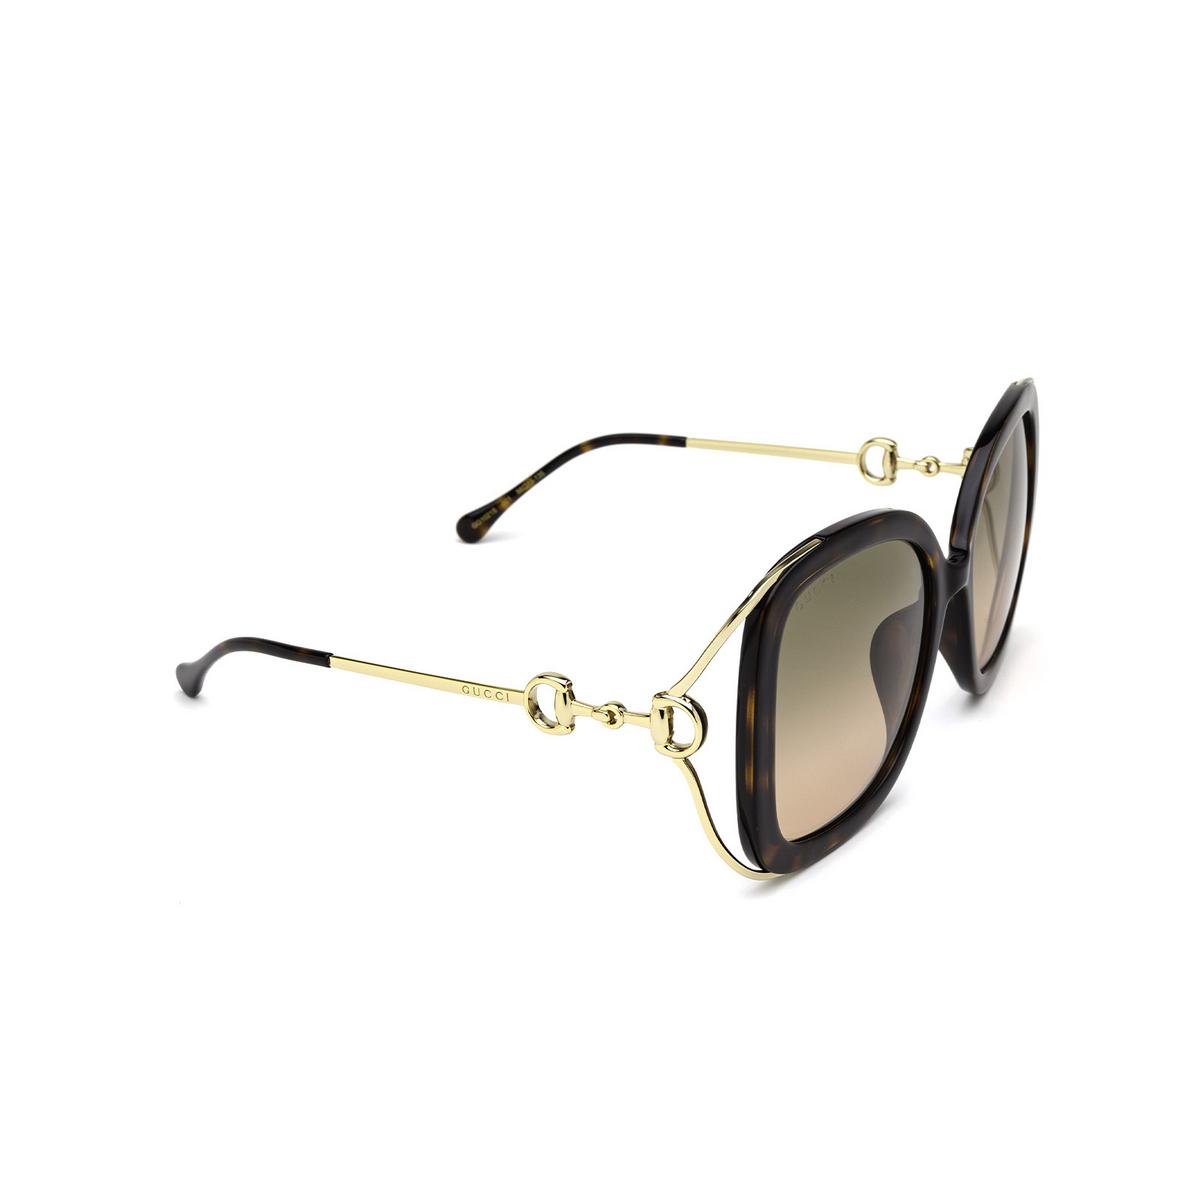 Gucci® Square Sunglasses: GG1021S color Havana 001 - three-quarters view.